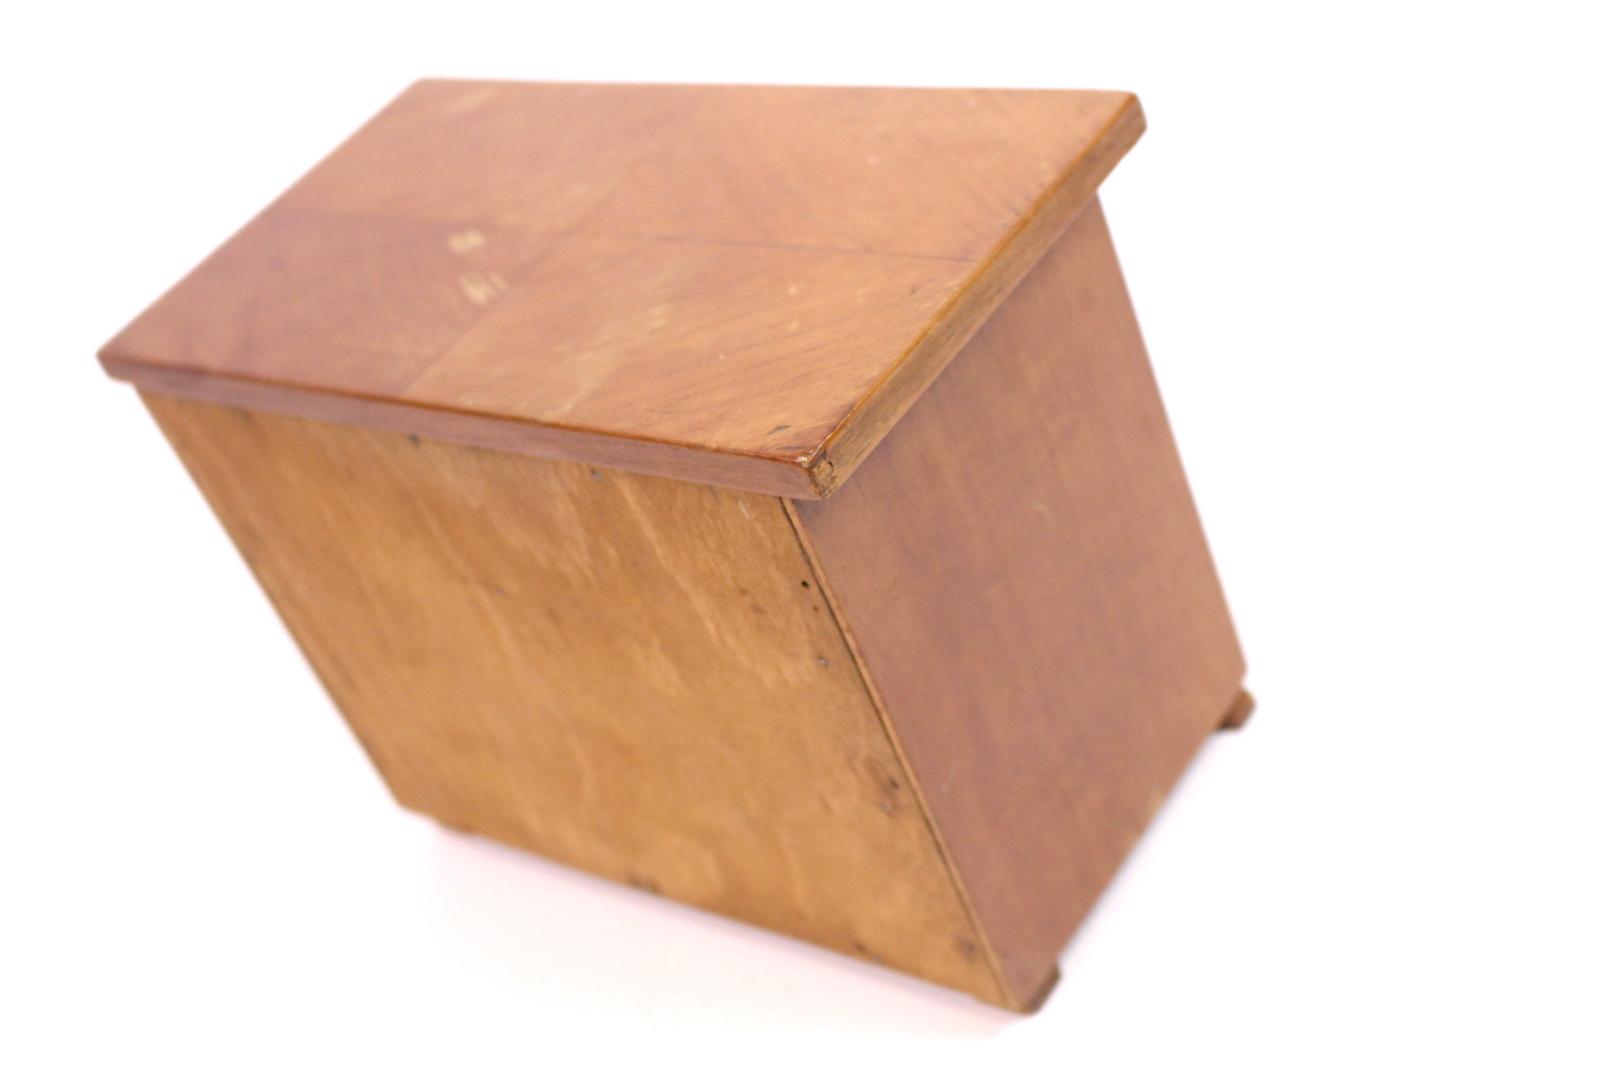 Alter puppenschrank kleine kommode antik holz 22x17x12 cm for Kleine kommode holz